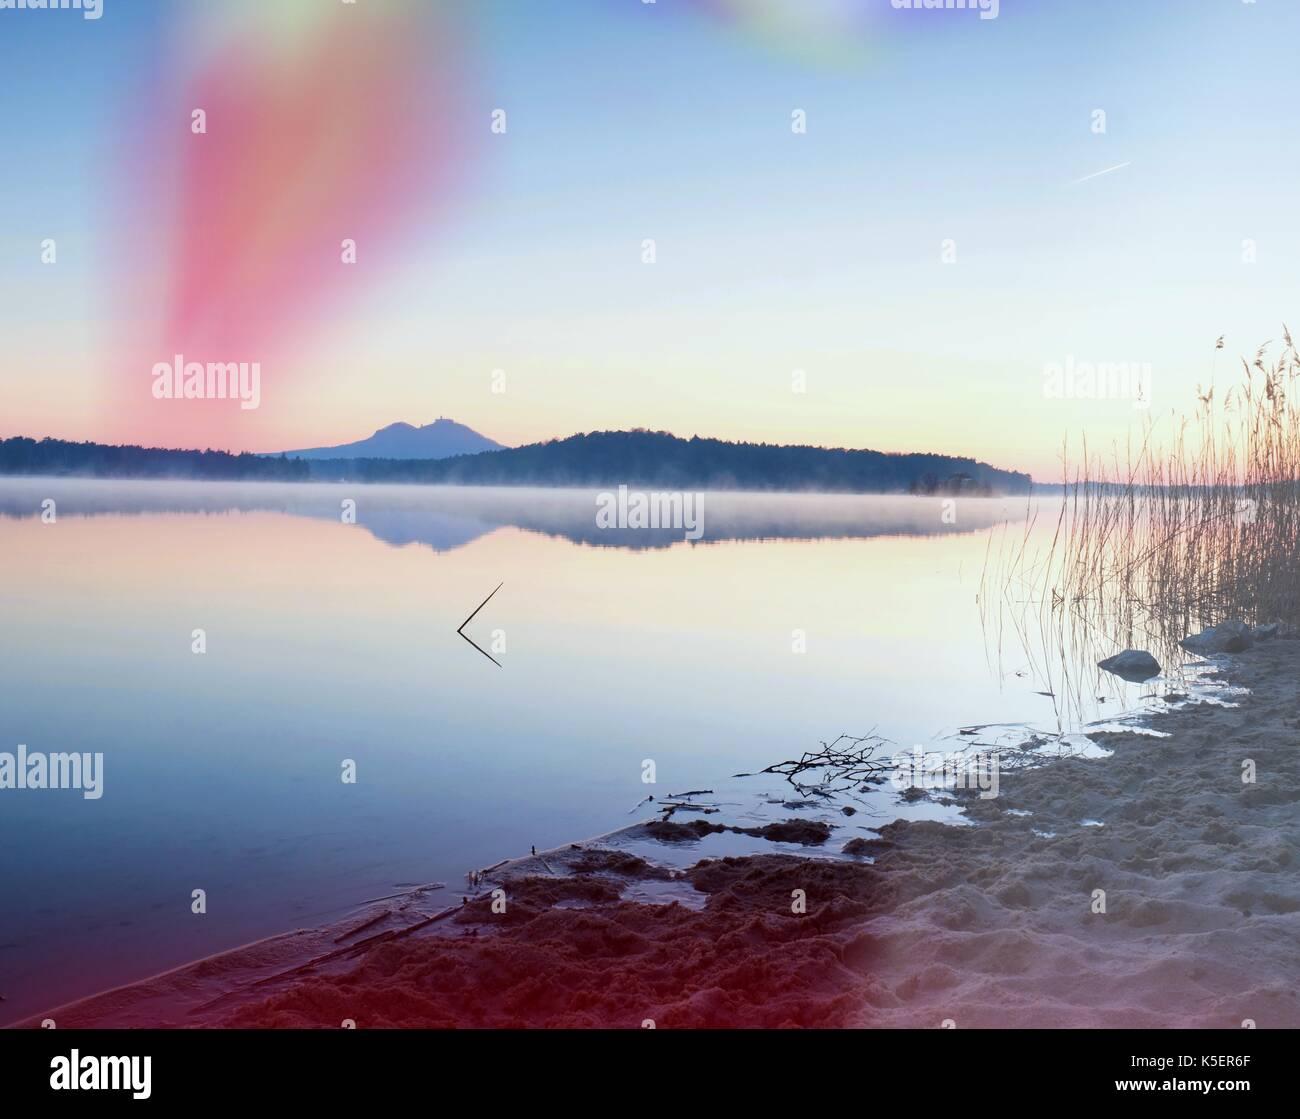 Bellissima alba a vuoto spiaggia, mare mediterraneo isola. pacifica livello acqua rende a specchio blu Immagini Stock